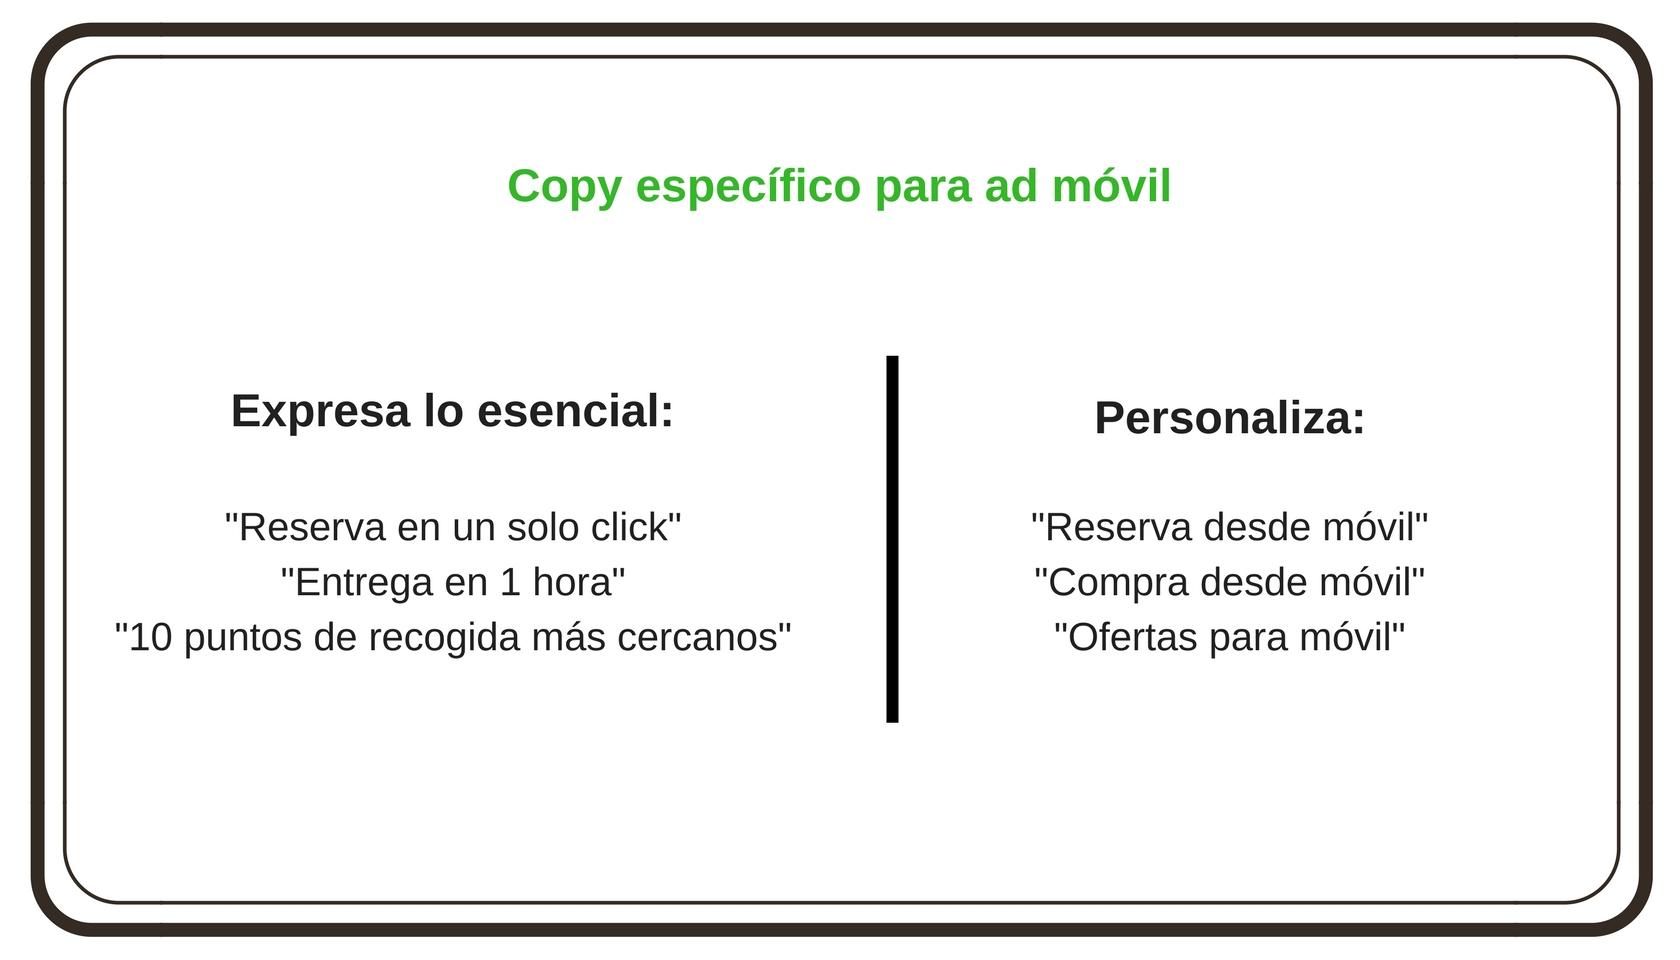 Copy específico para ads en móvil